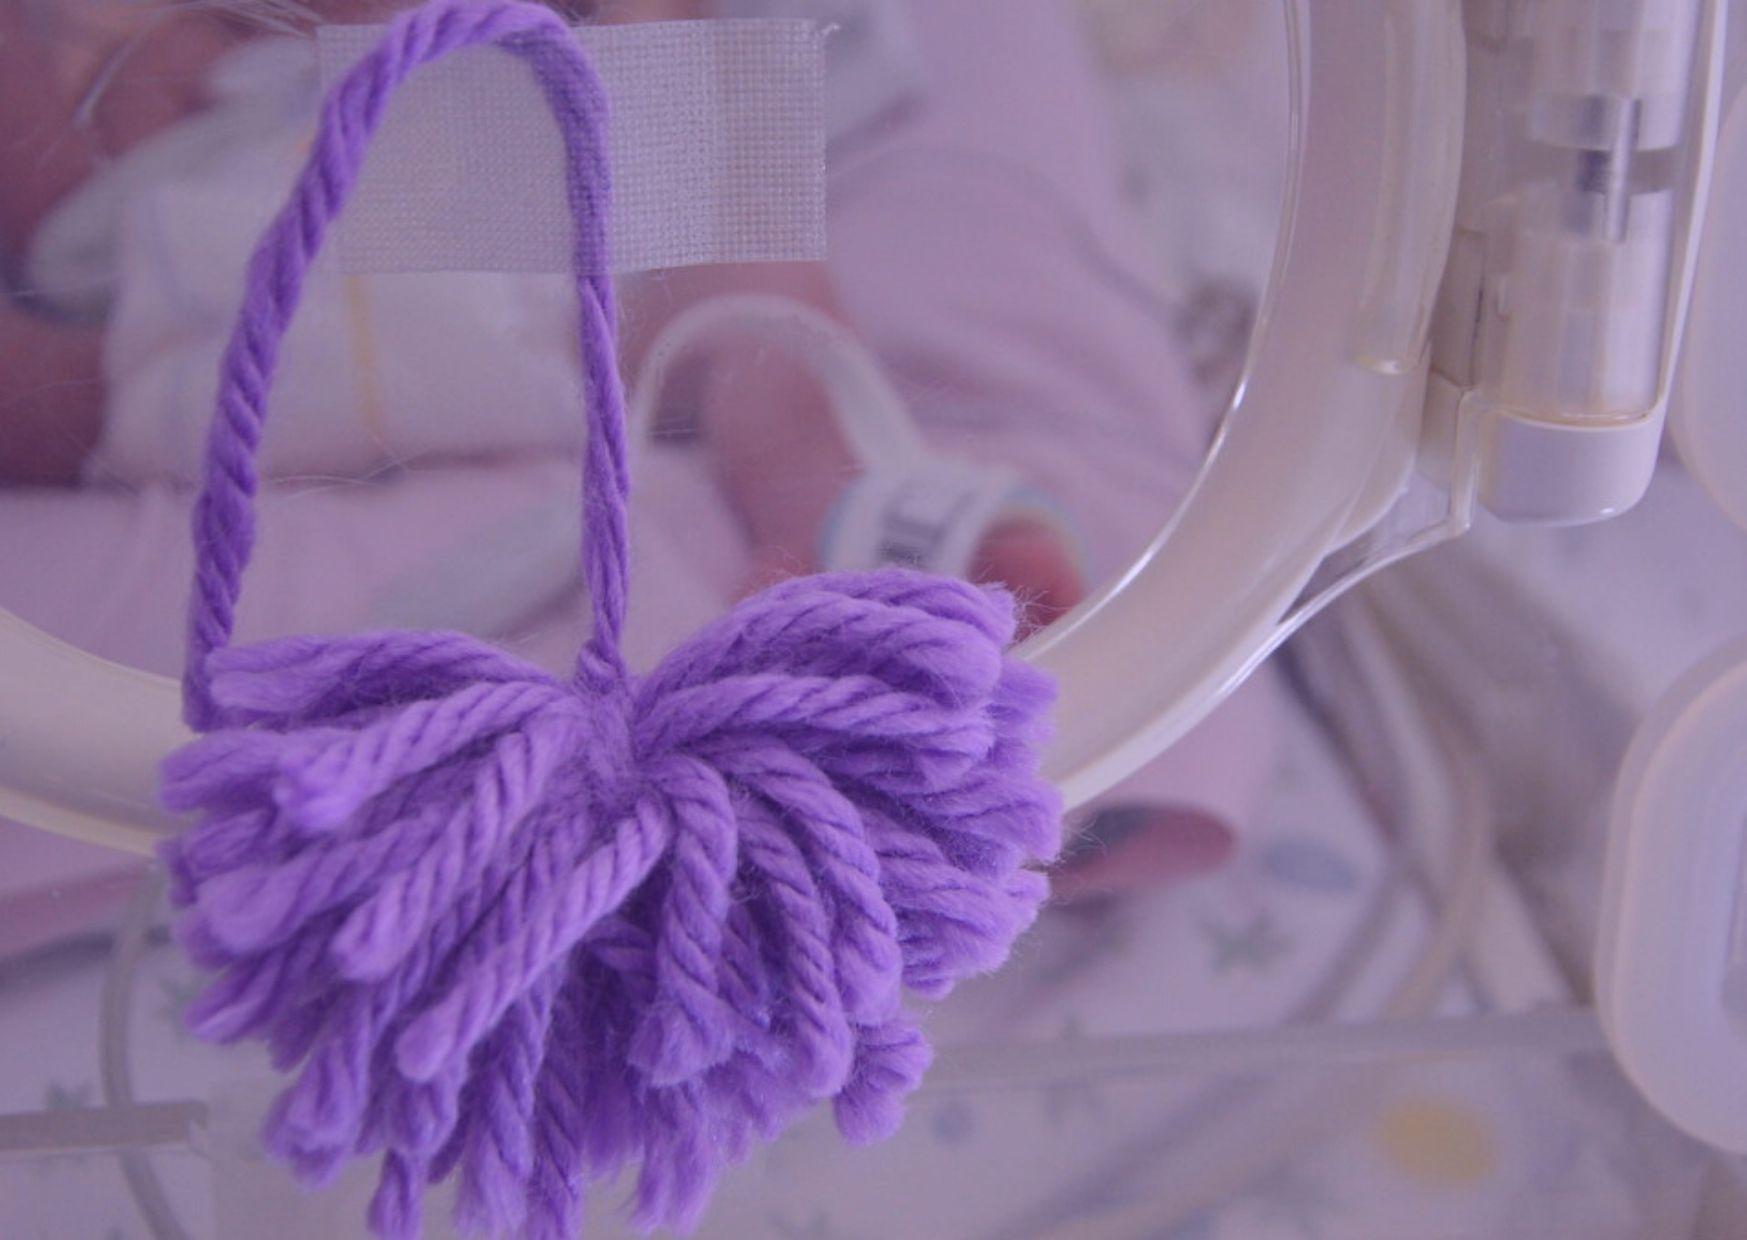 Giornata mondiale neonato prematuro